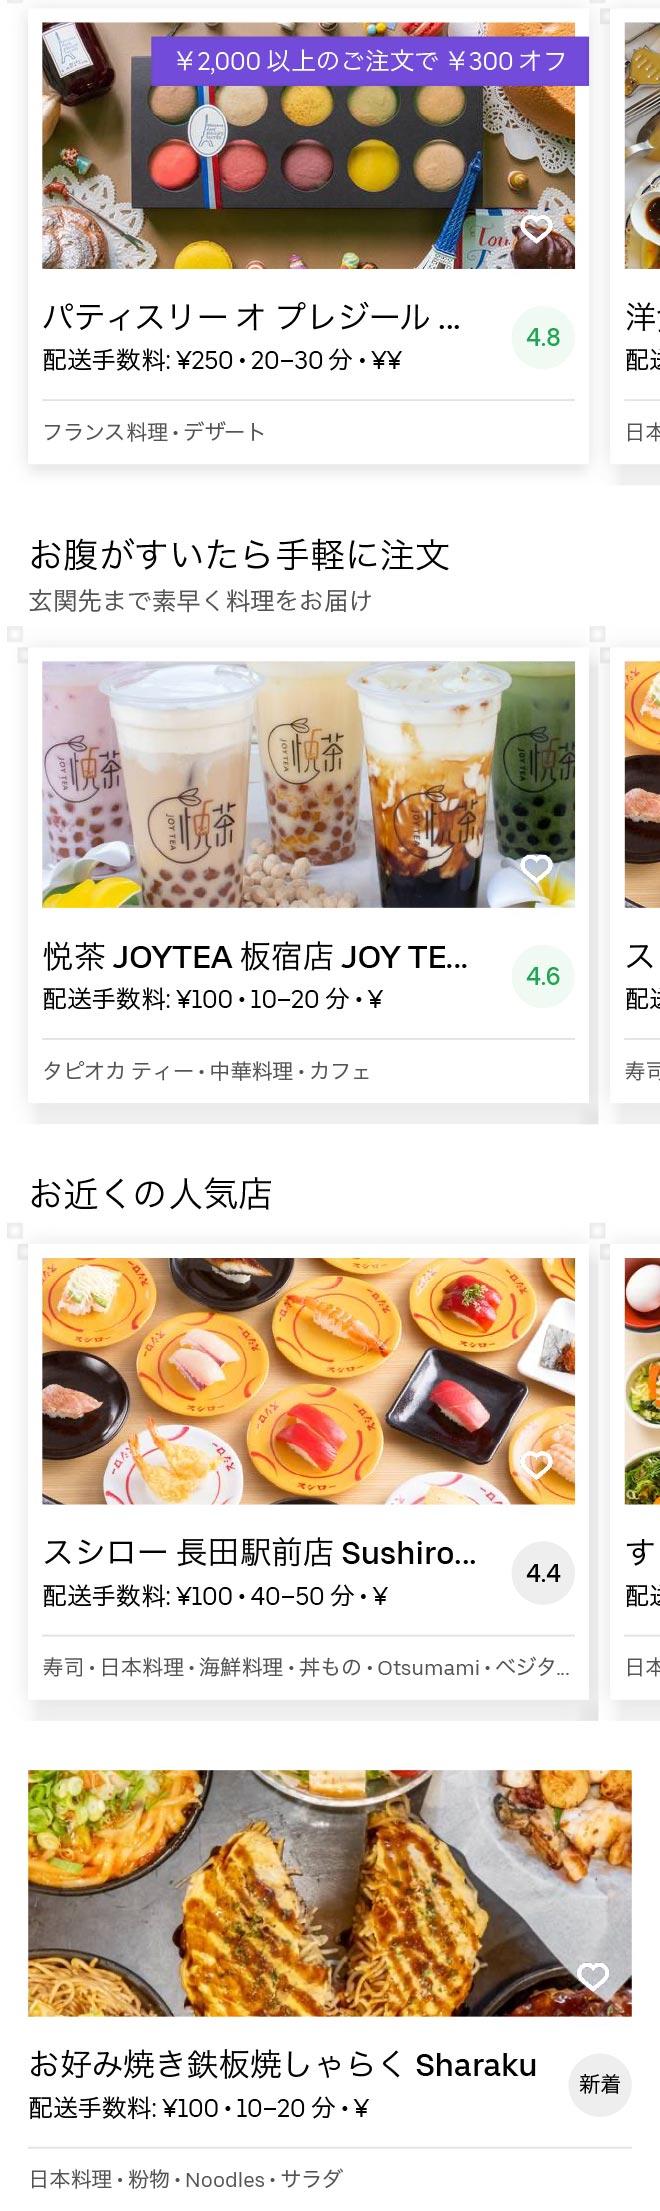 Kobe shin nagata menu 2005 01